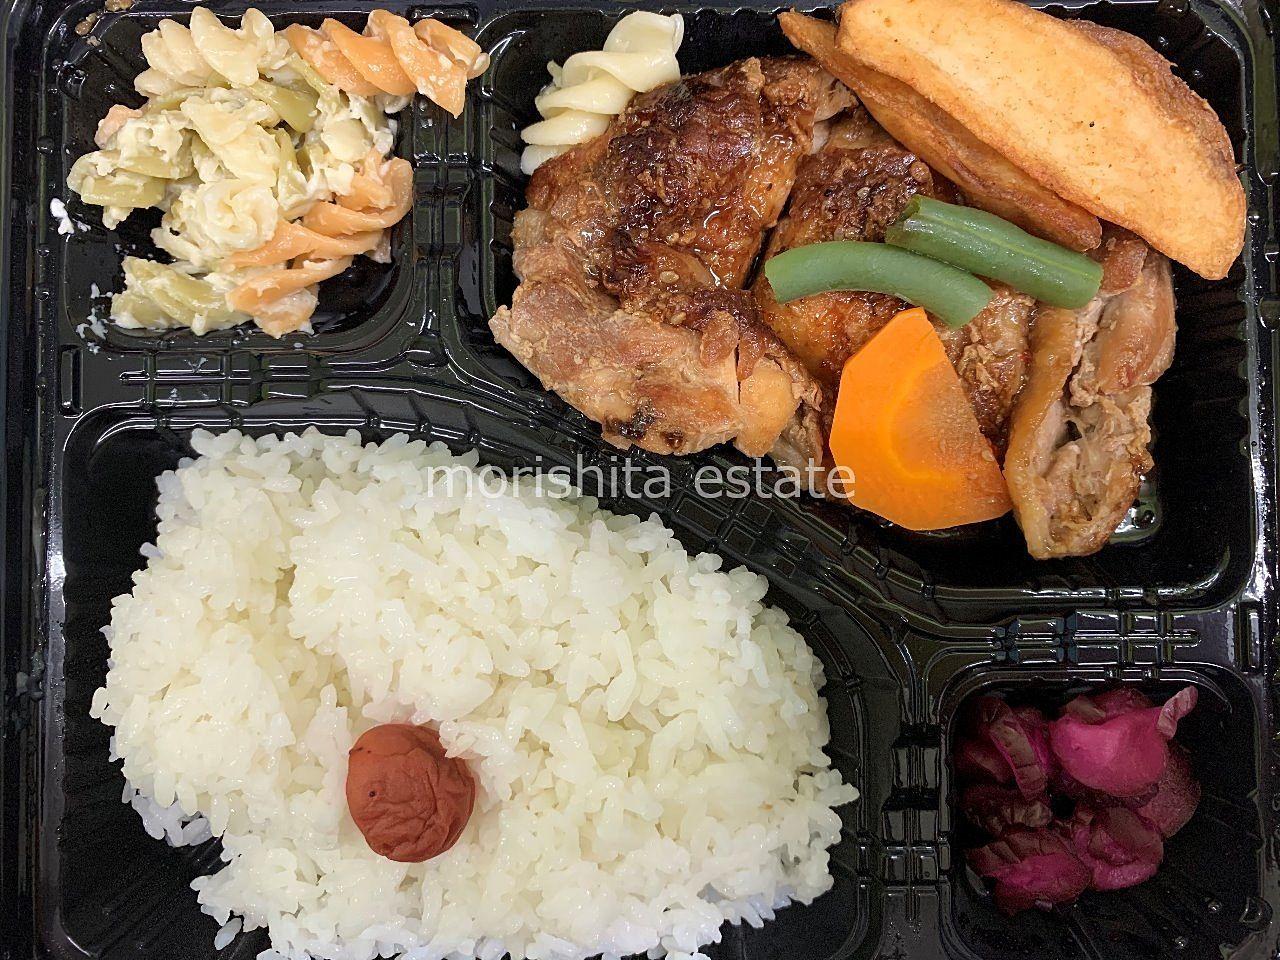 菊川 森下 洋食 お弁当 MRマスタッシュ 写真